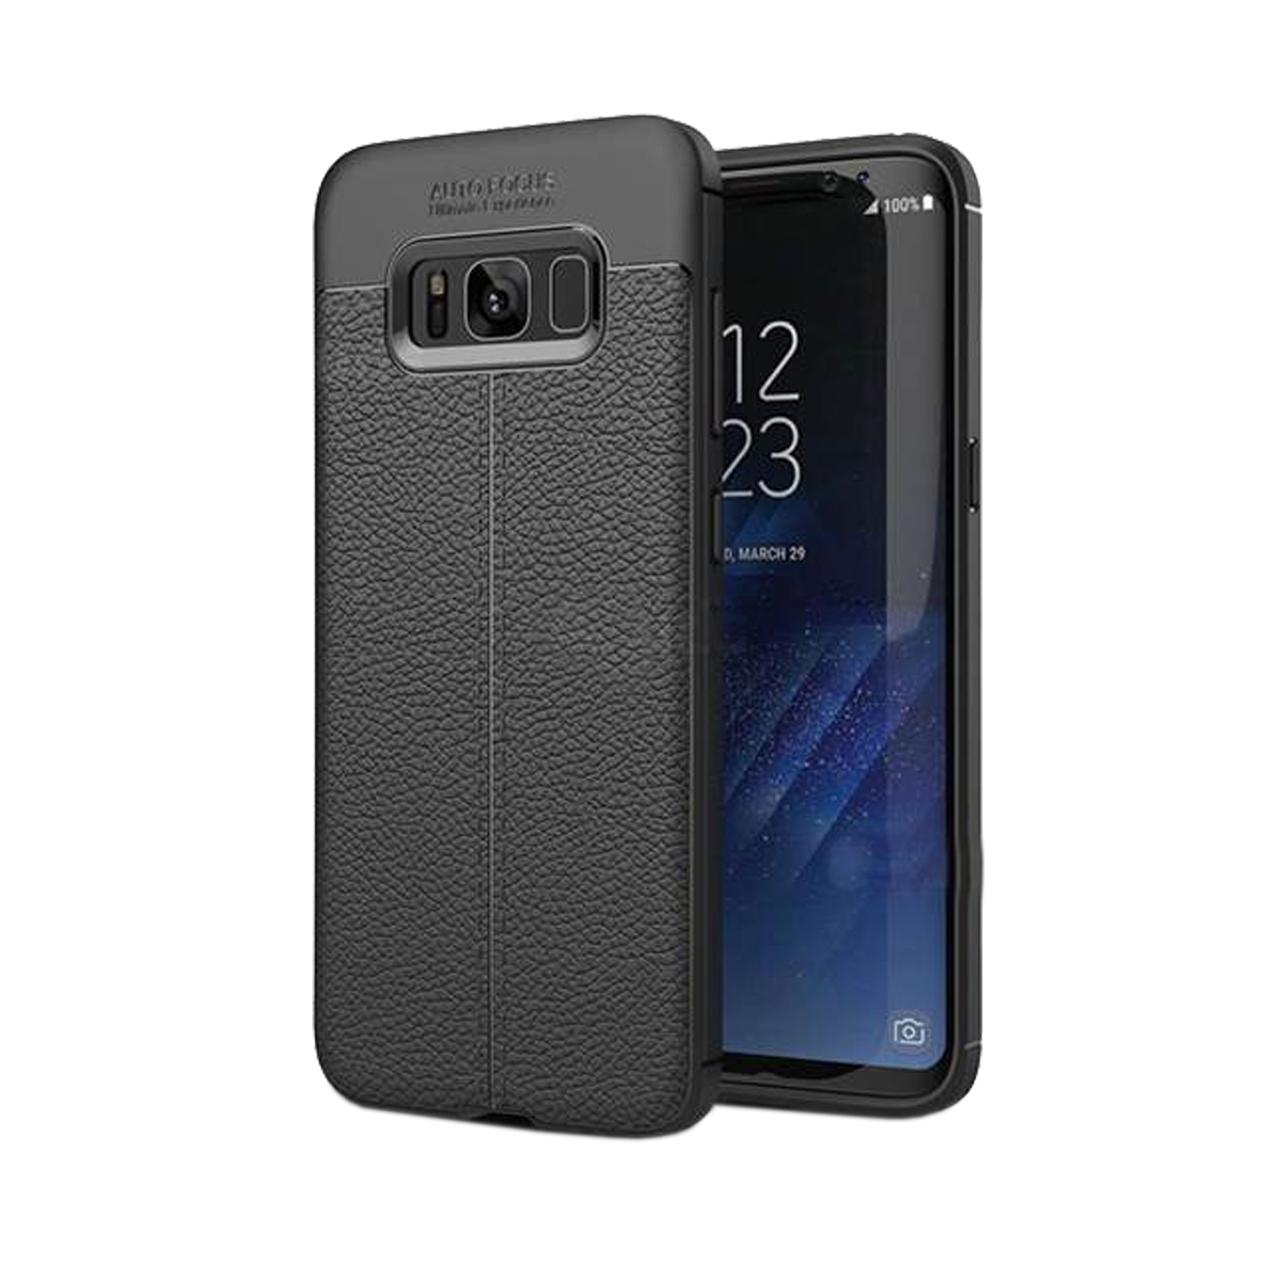 کاور ایبیزا مدل UE2501 مناسب برای گوشی موبایل سامسونگ Galaxy S8